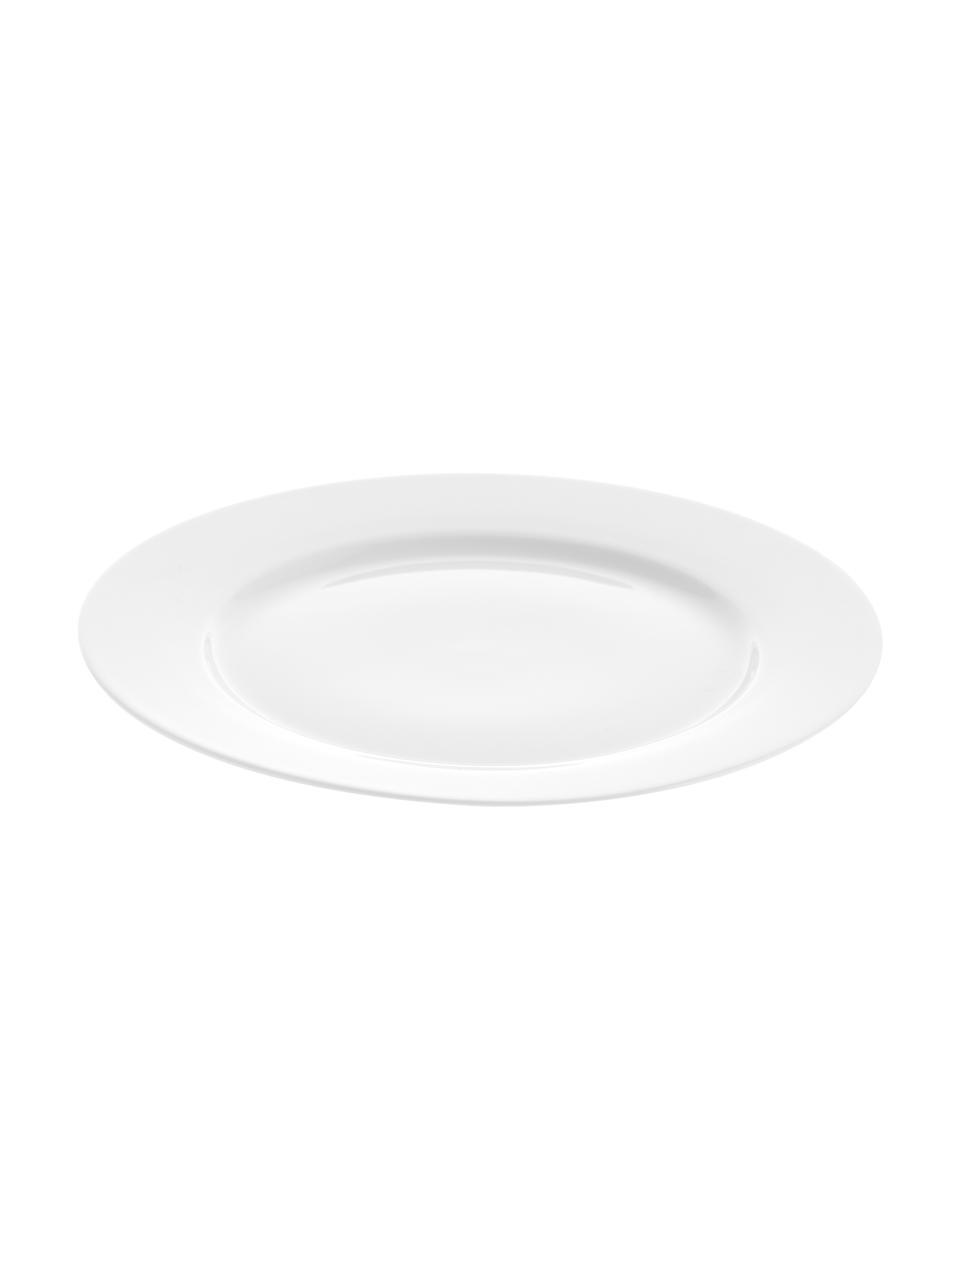 Porzellan-Frühstücksteller Delight Classic in Weiß, 2 Stück, Porzellan, Weiß, Ø 23 cm